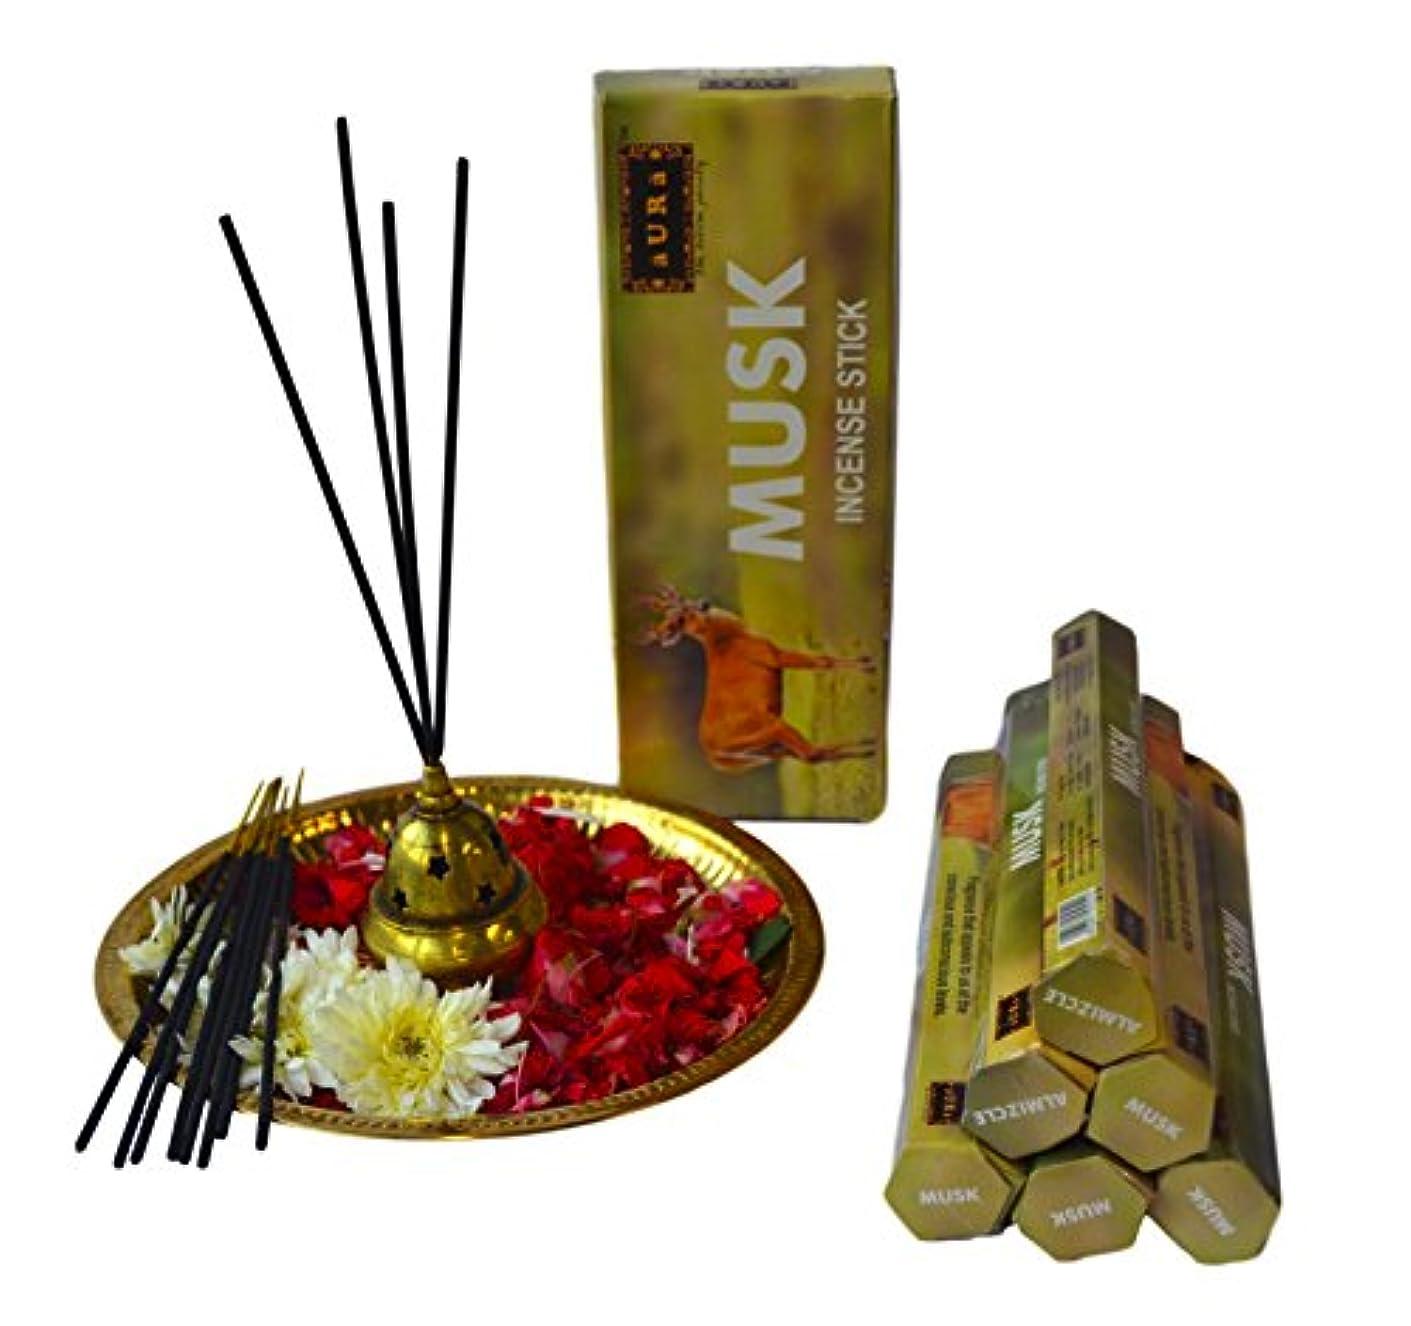 ポット効率ベットオーラムスクの香りお香、プレミアム天然Incense Sticks、六角packing-120 Sticks